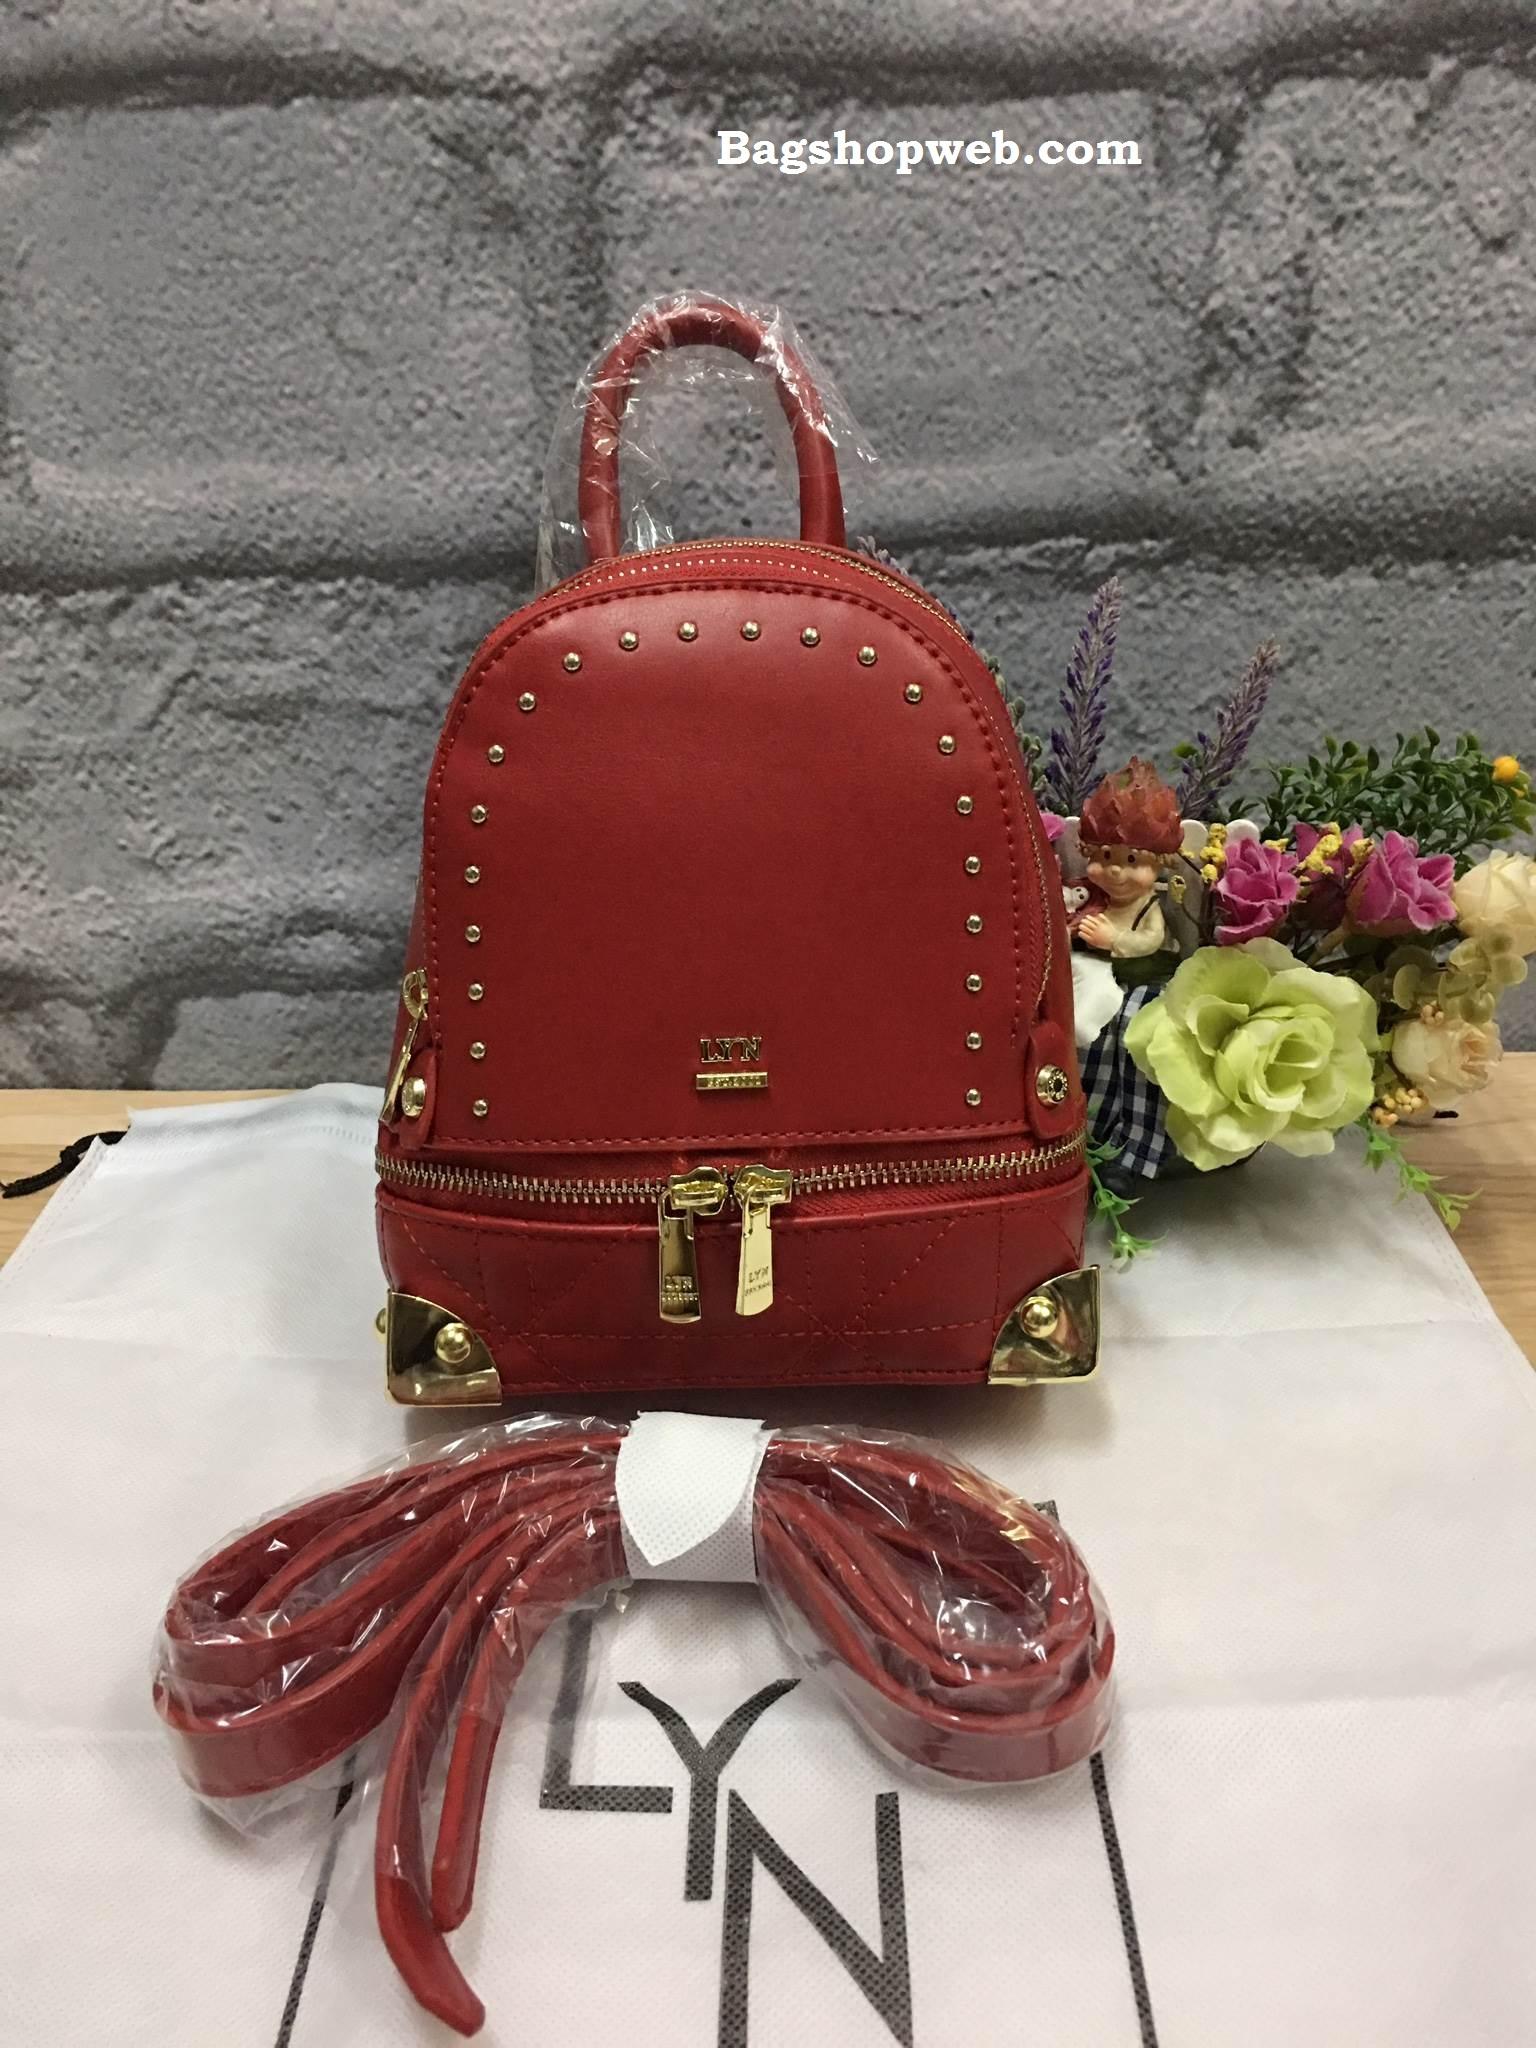 LYN EVITA BACKPACK 2017 รุ่นใหม่ชนช้อป กระเป๋าเป้ขนาดกะทัดรัด สีแดง ราคา 1,490 บาท Free Ems